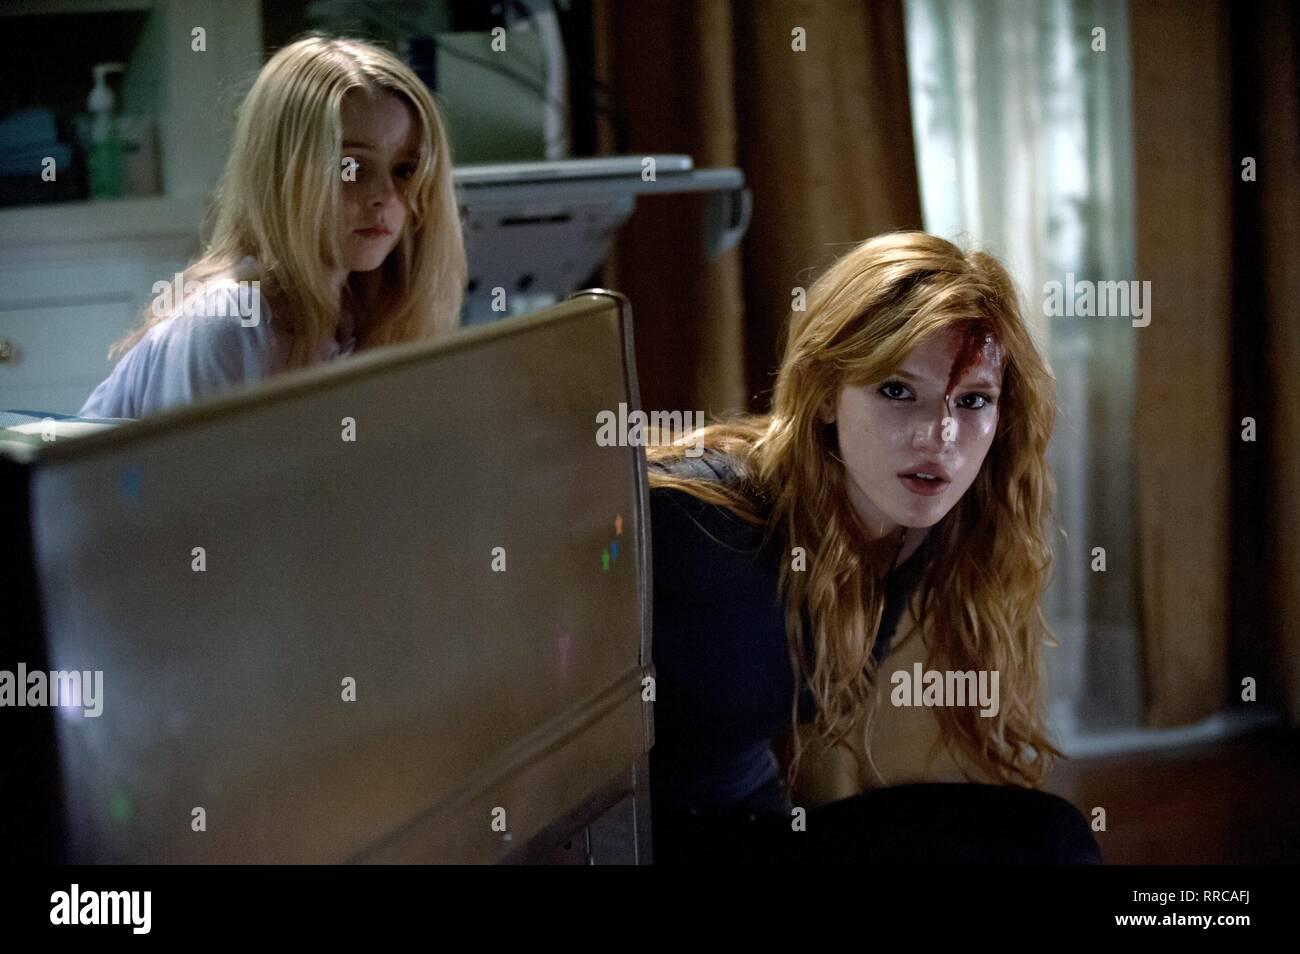 AMITYVILLE: THE AWAKENING, MCKENNA GRACE , BELLA THORNE, 2017 - Stock Image